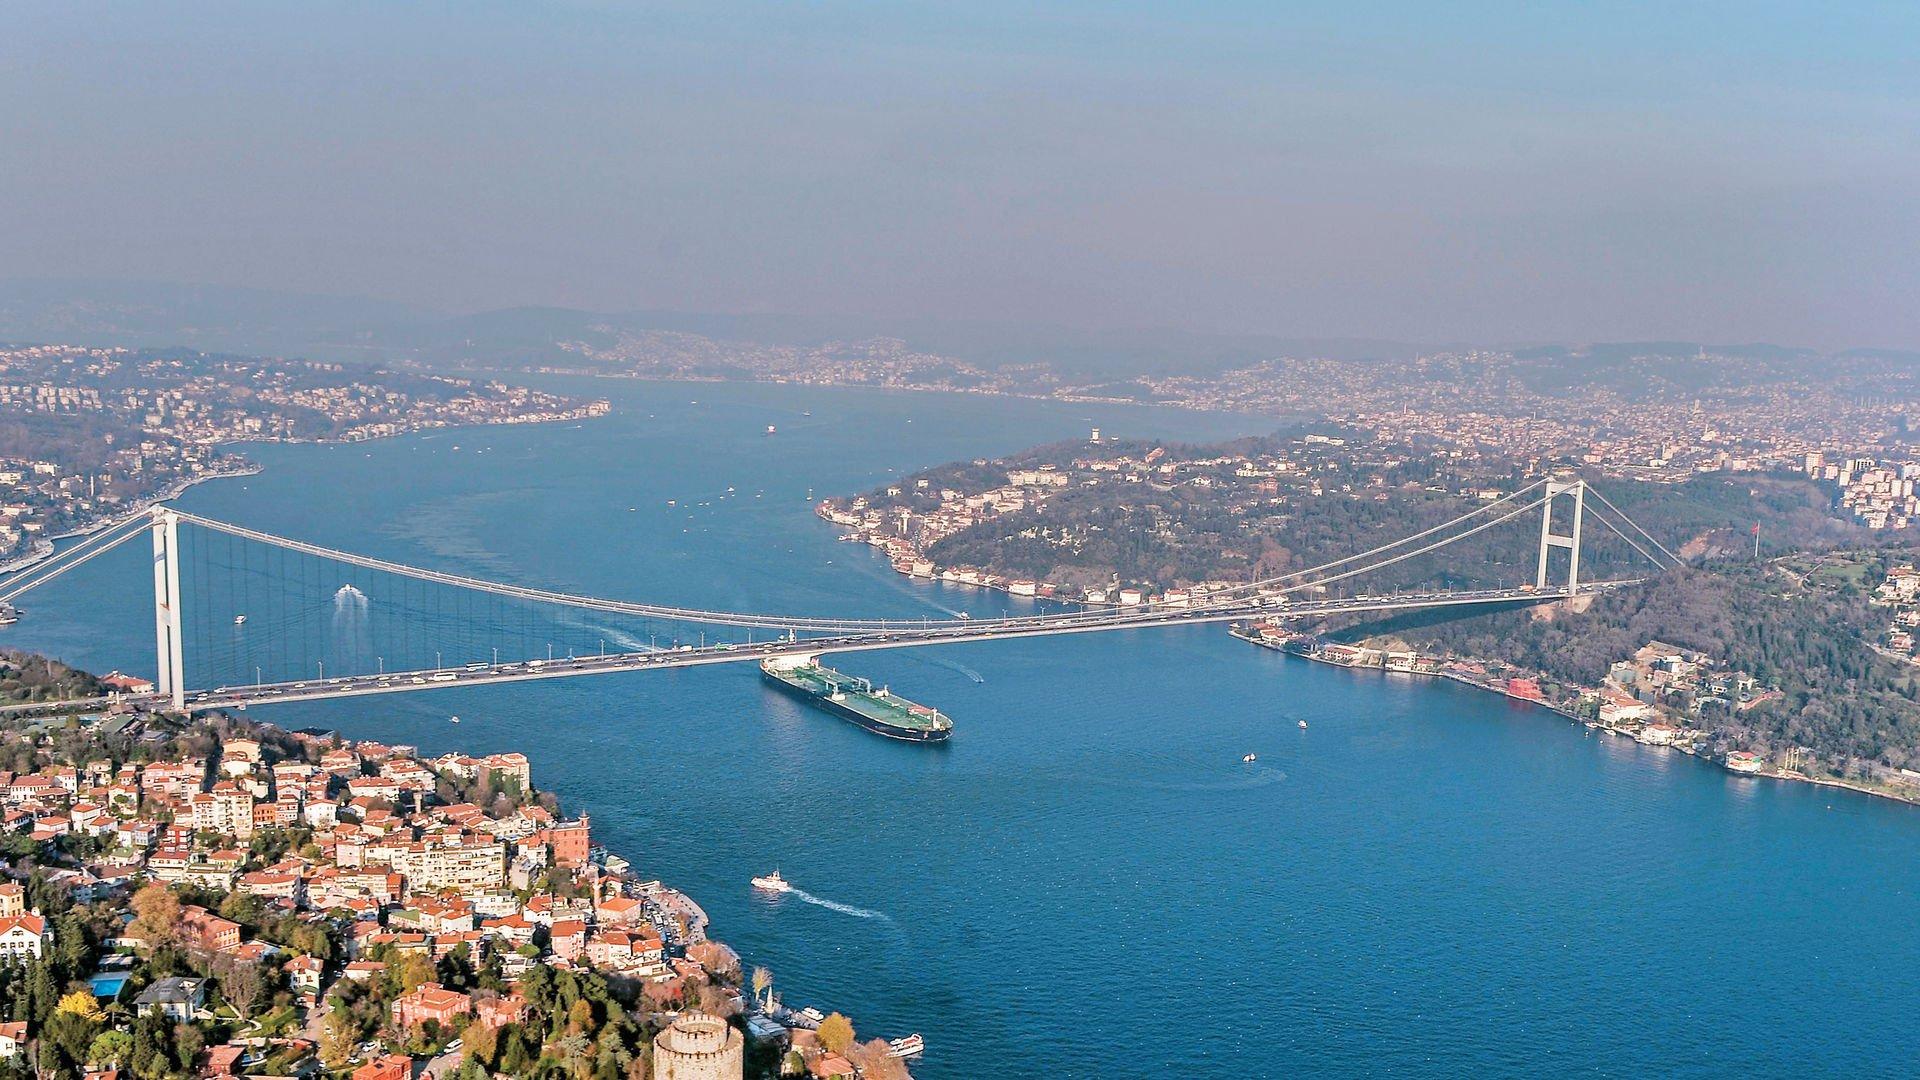 İstanbul'u (Rant Kuyusunu) Kaybetmeyi Hazmedemeyen: AKP, ÇIRPINDIKÇA BATMAKTAYDI VE ERBAKAN HOCA'NIN İLGİNÇ RÜYASI